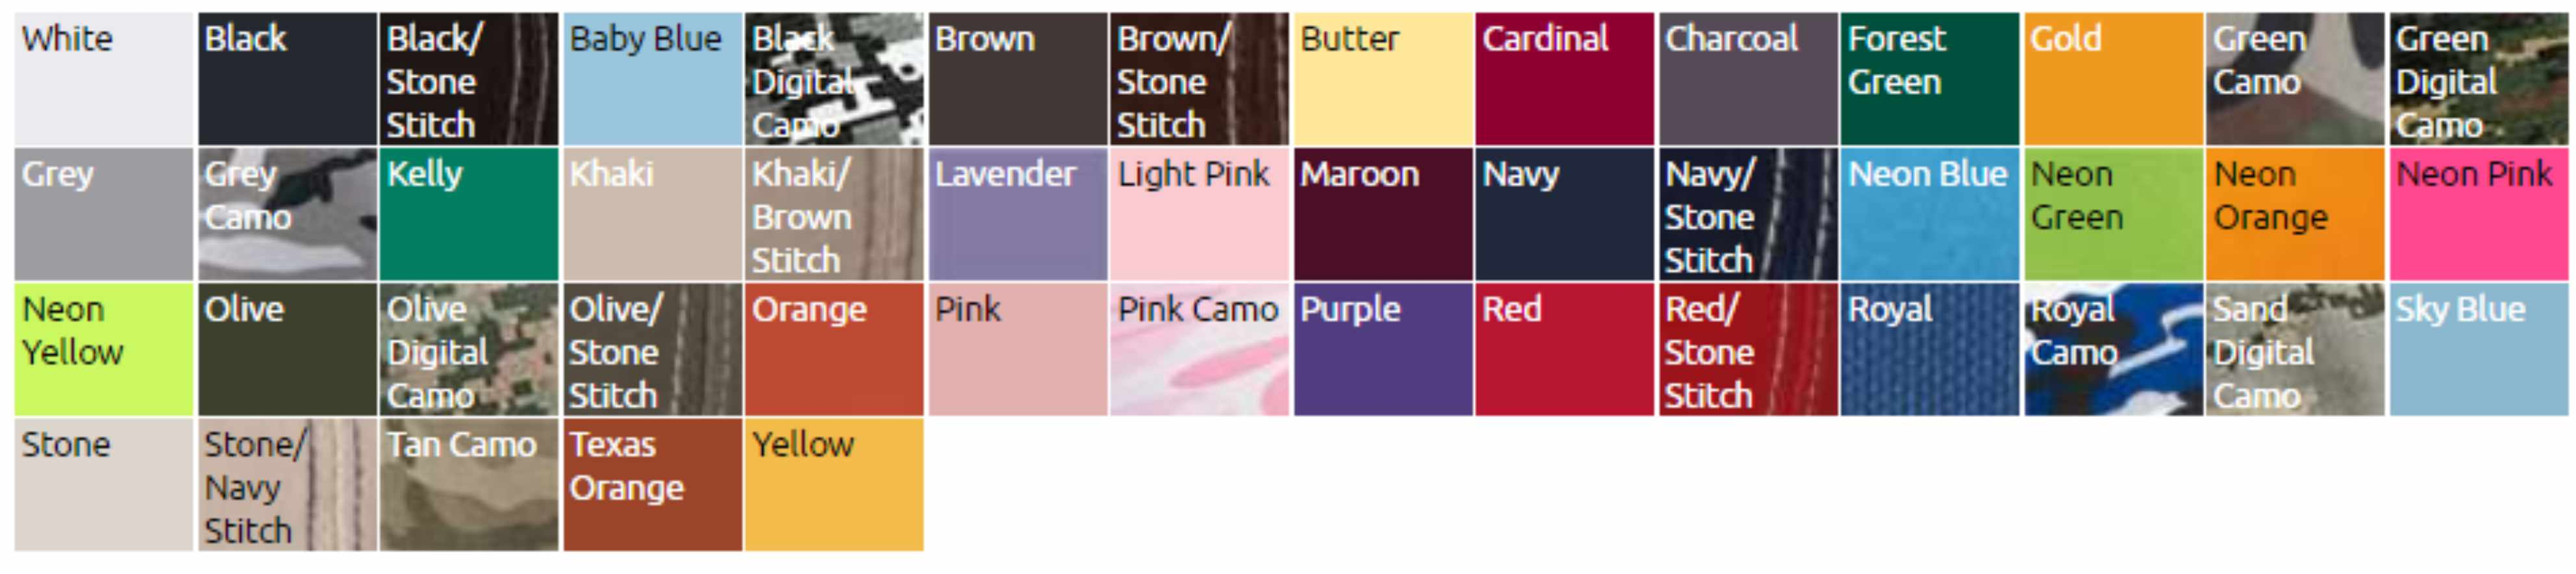 vc300a color chart